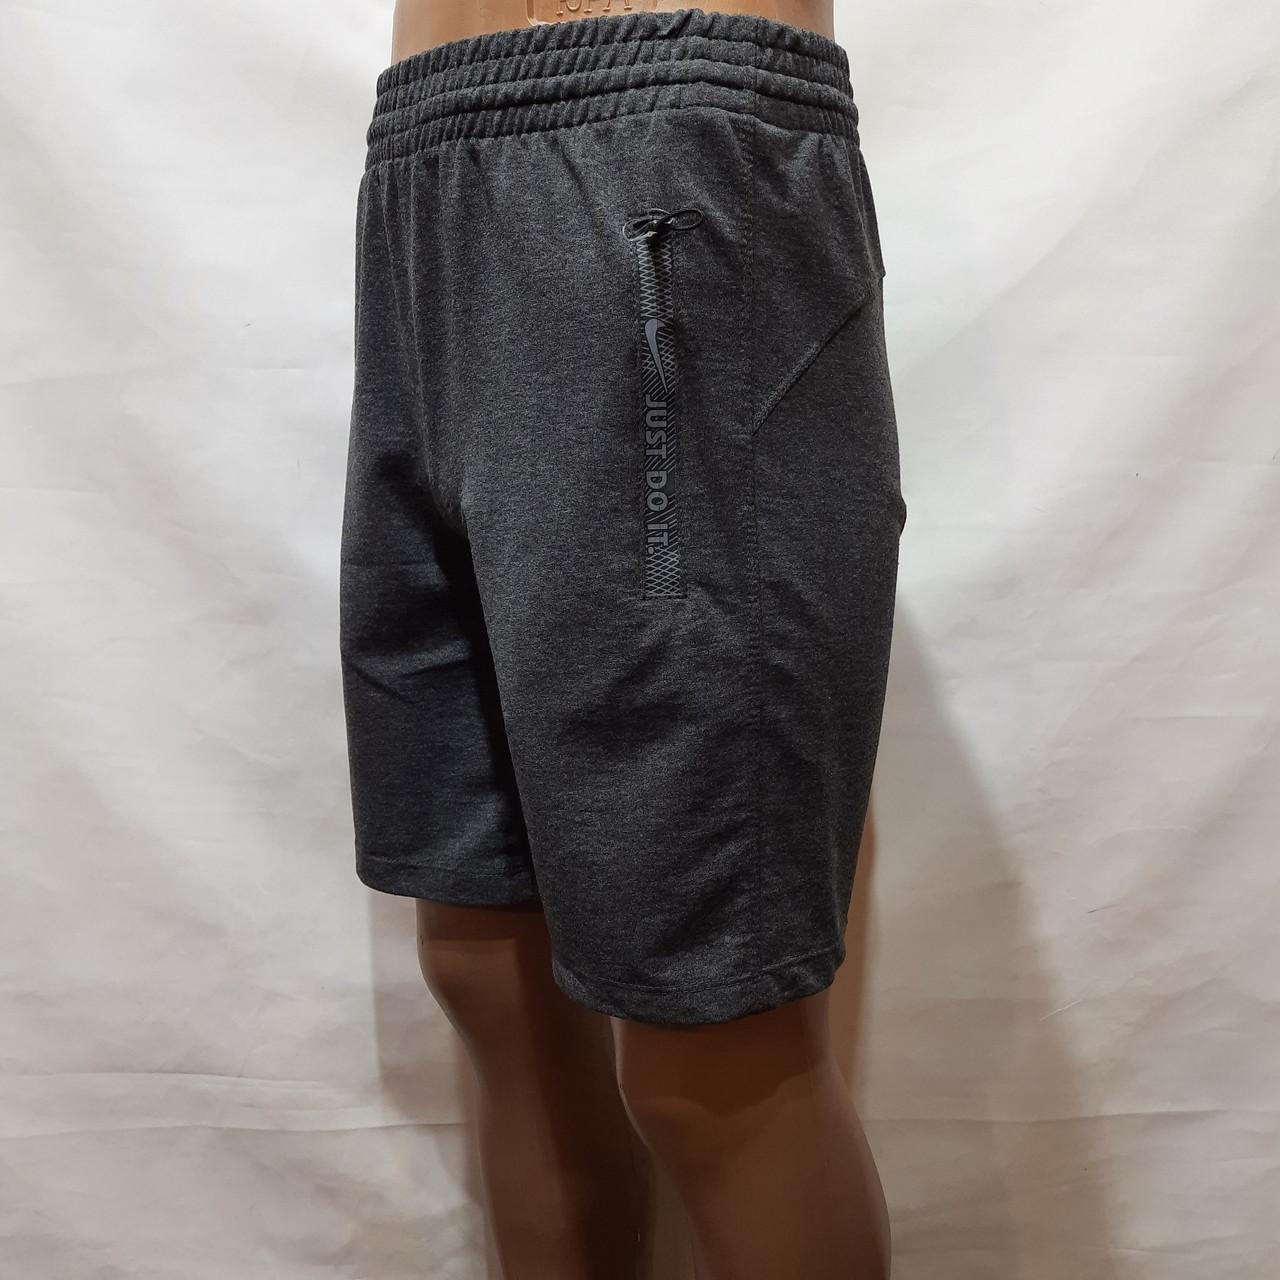 Шорты мужские до колена трикотажные х/б в стиле Nike Турция темно-серые